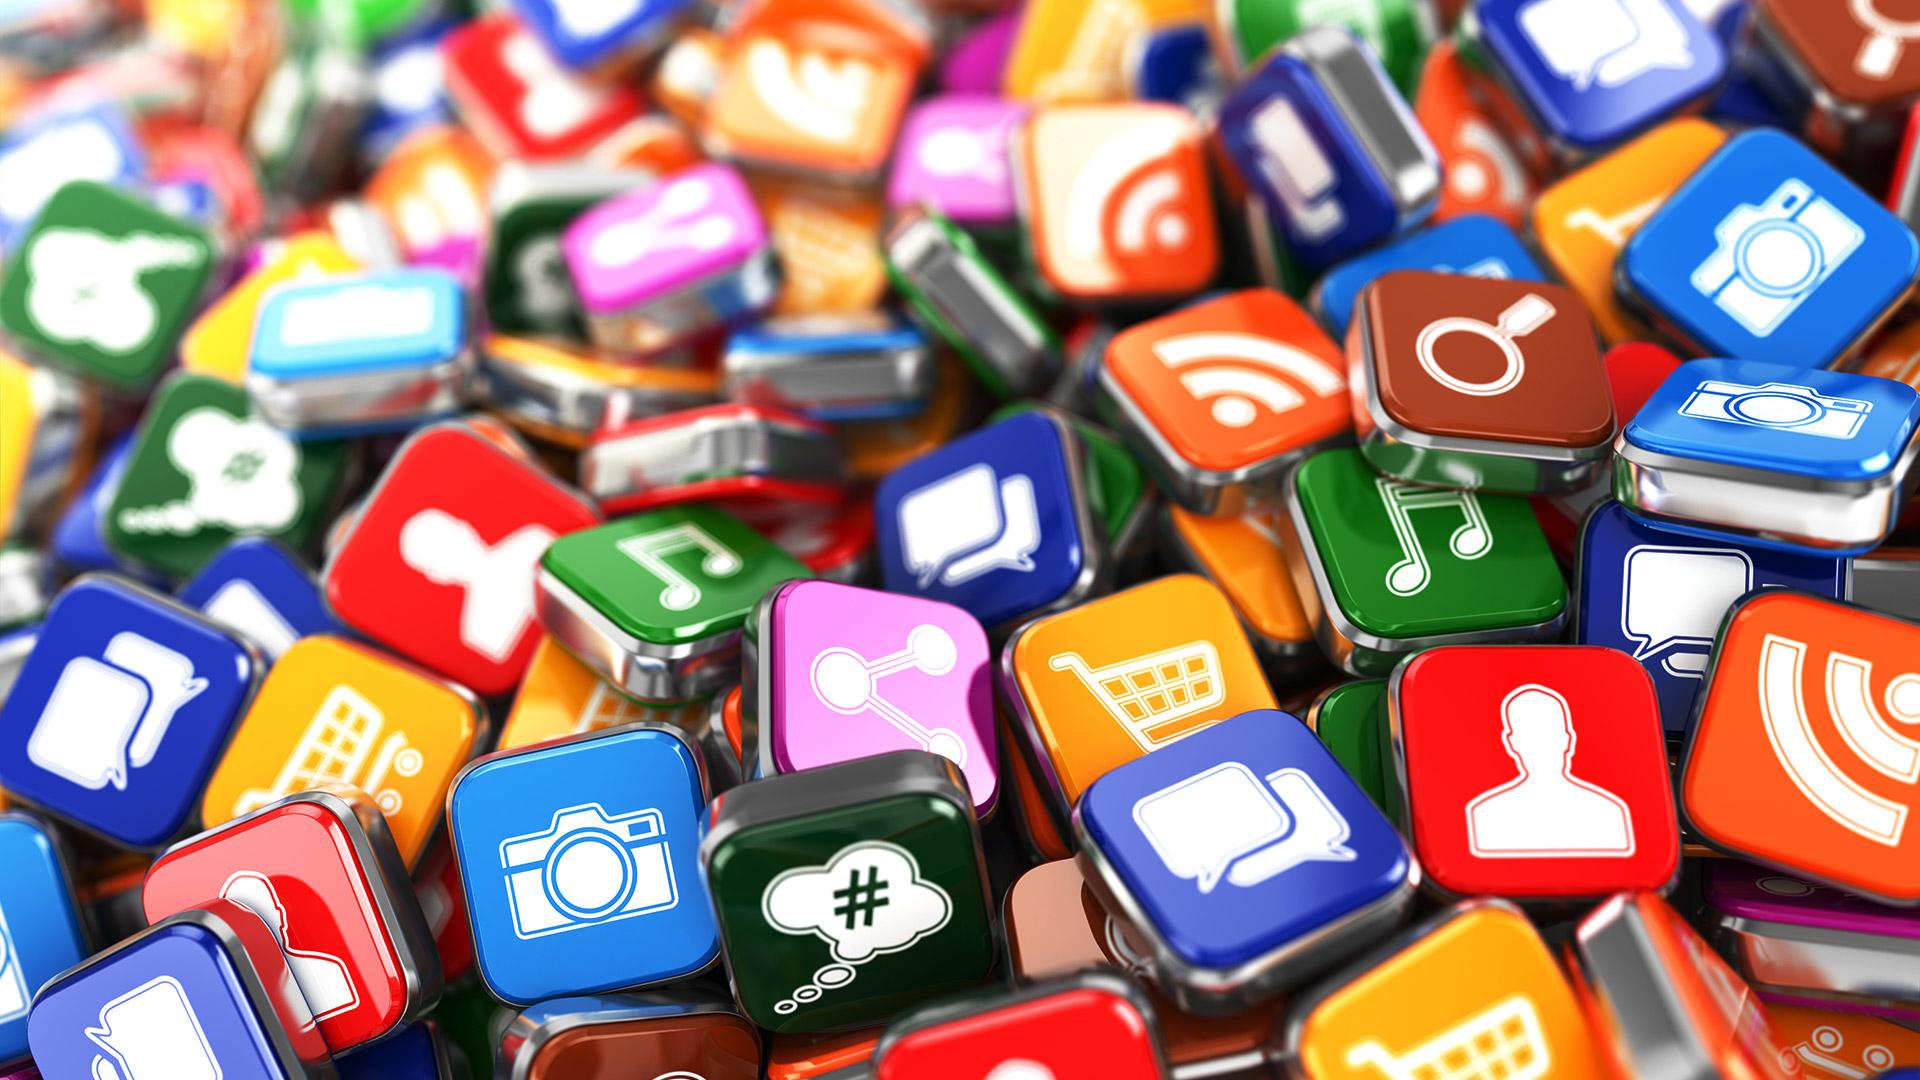 ¿Cuánto puede costar una App en realidad?